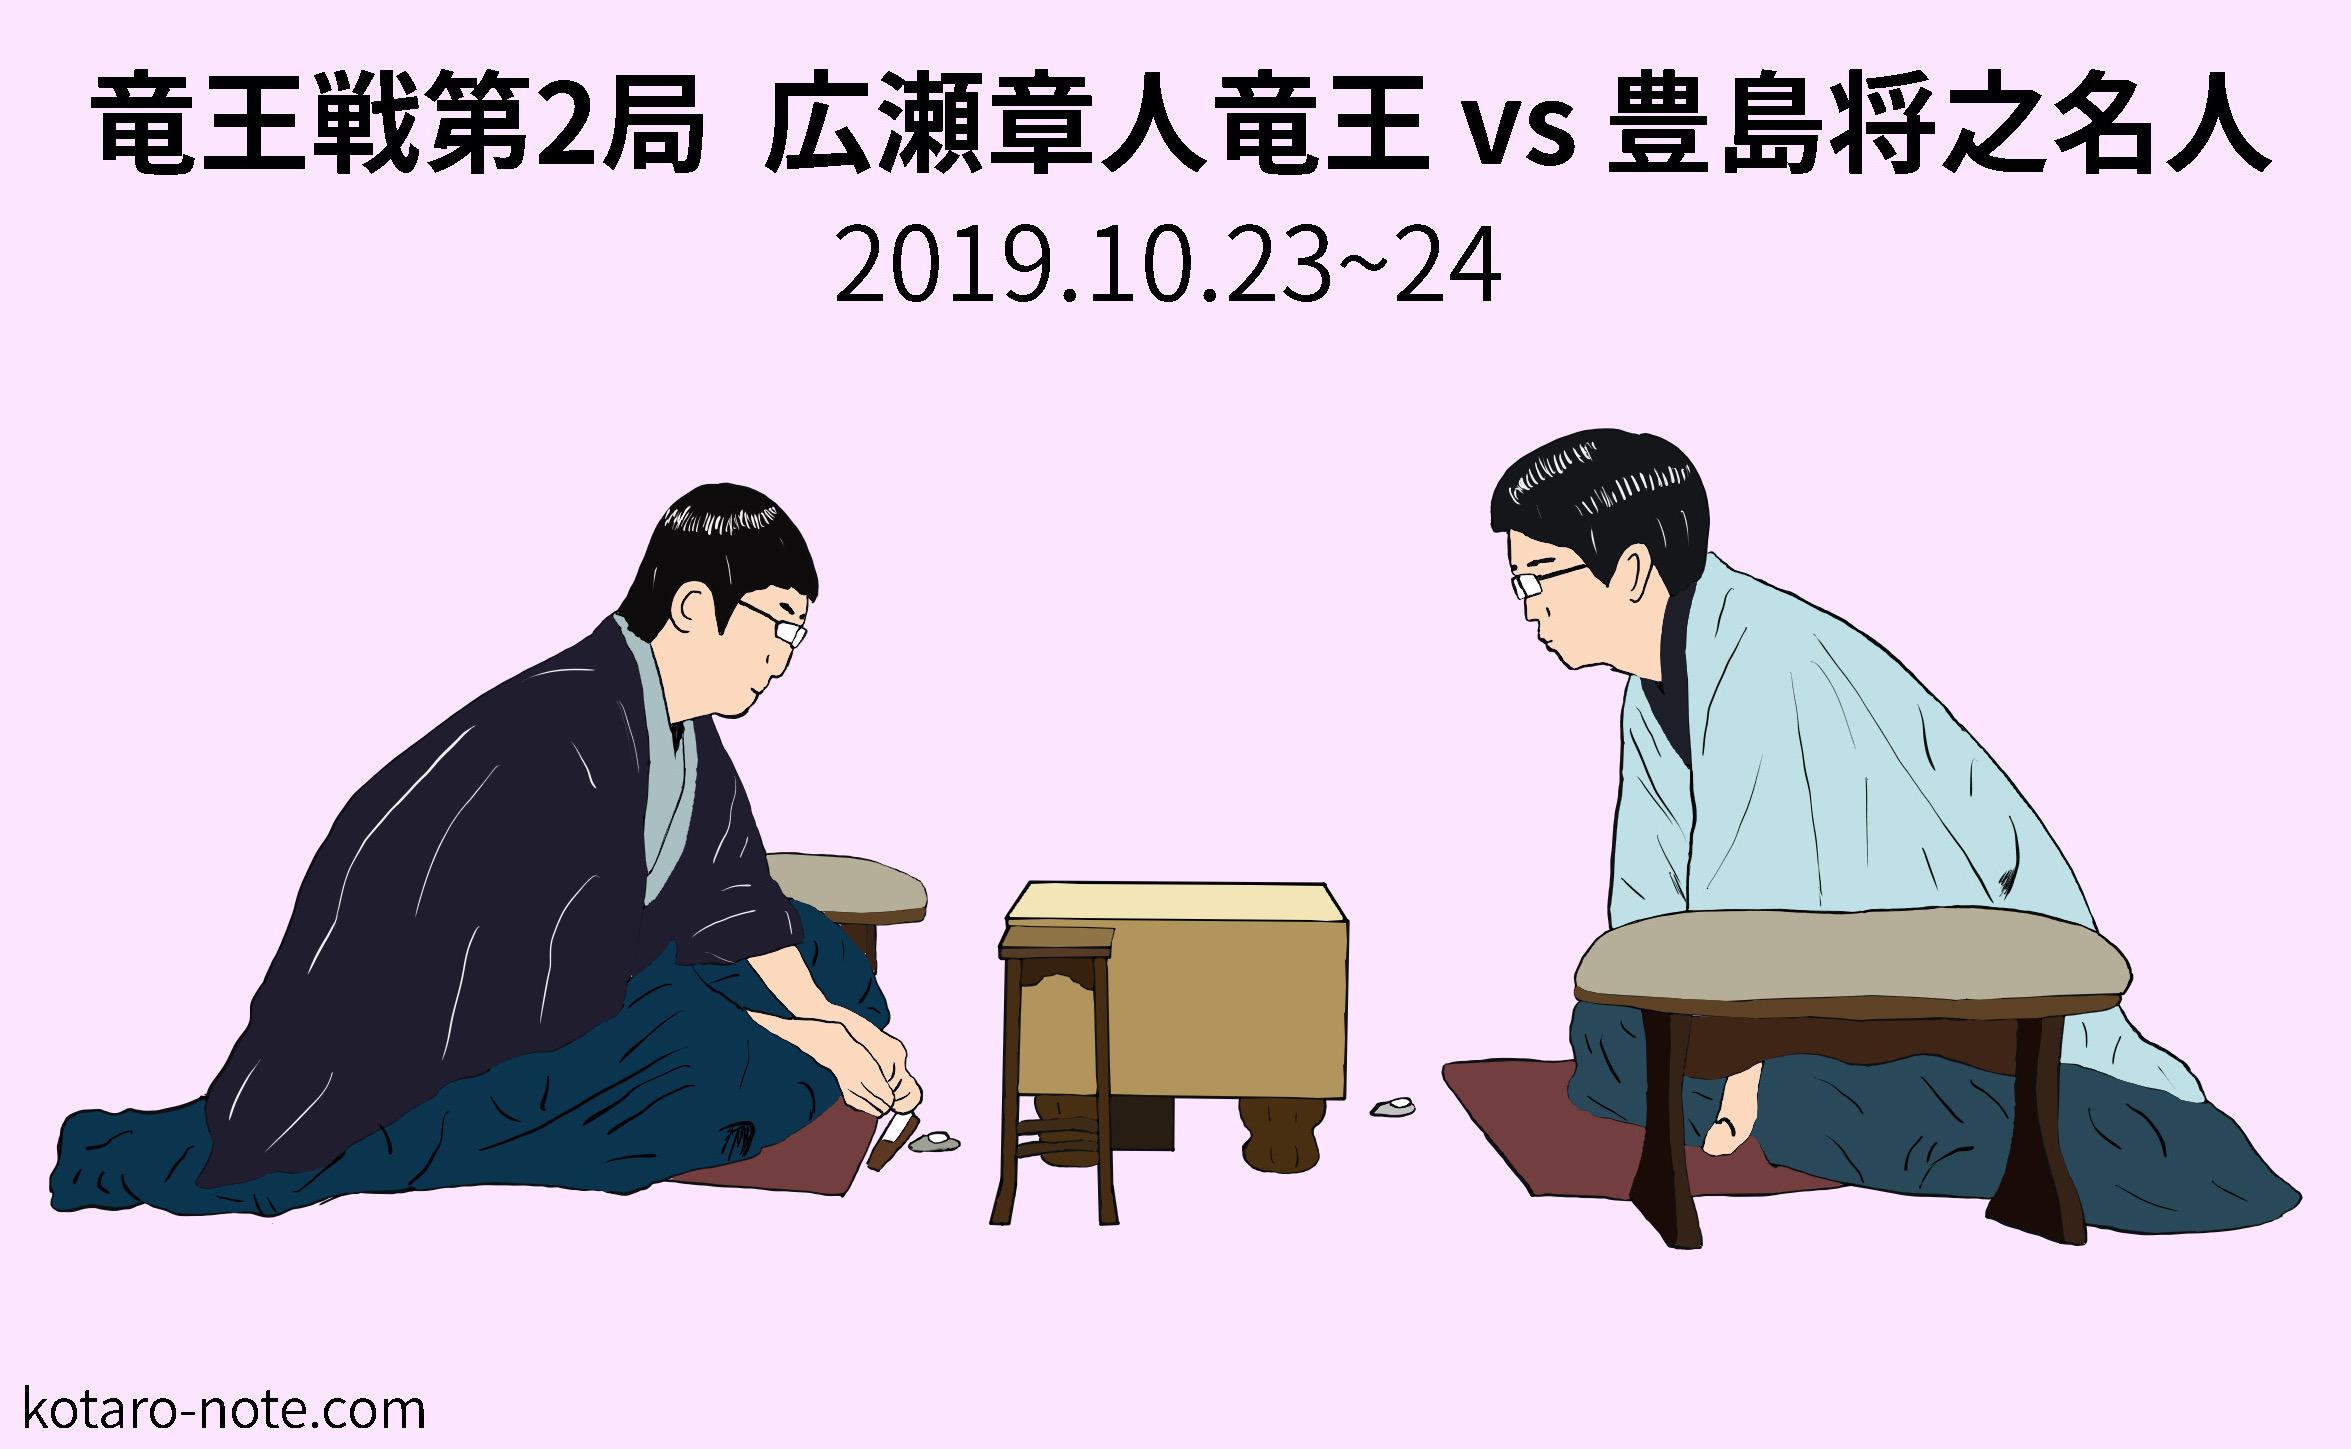 広瀬章人竜王vs豊島将之名人、竜王戦第2局